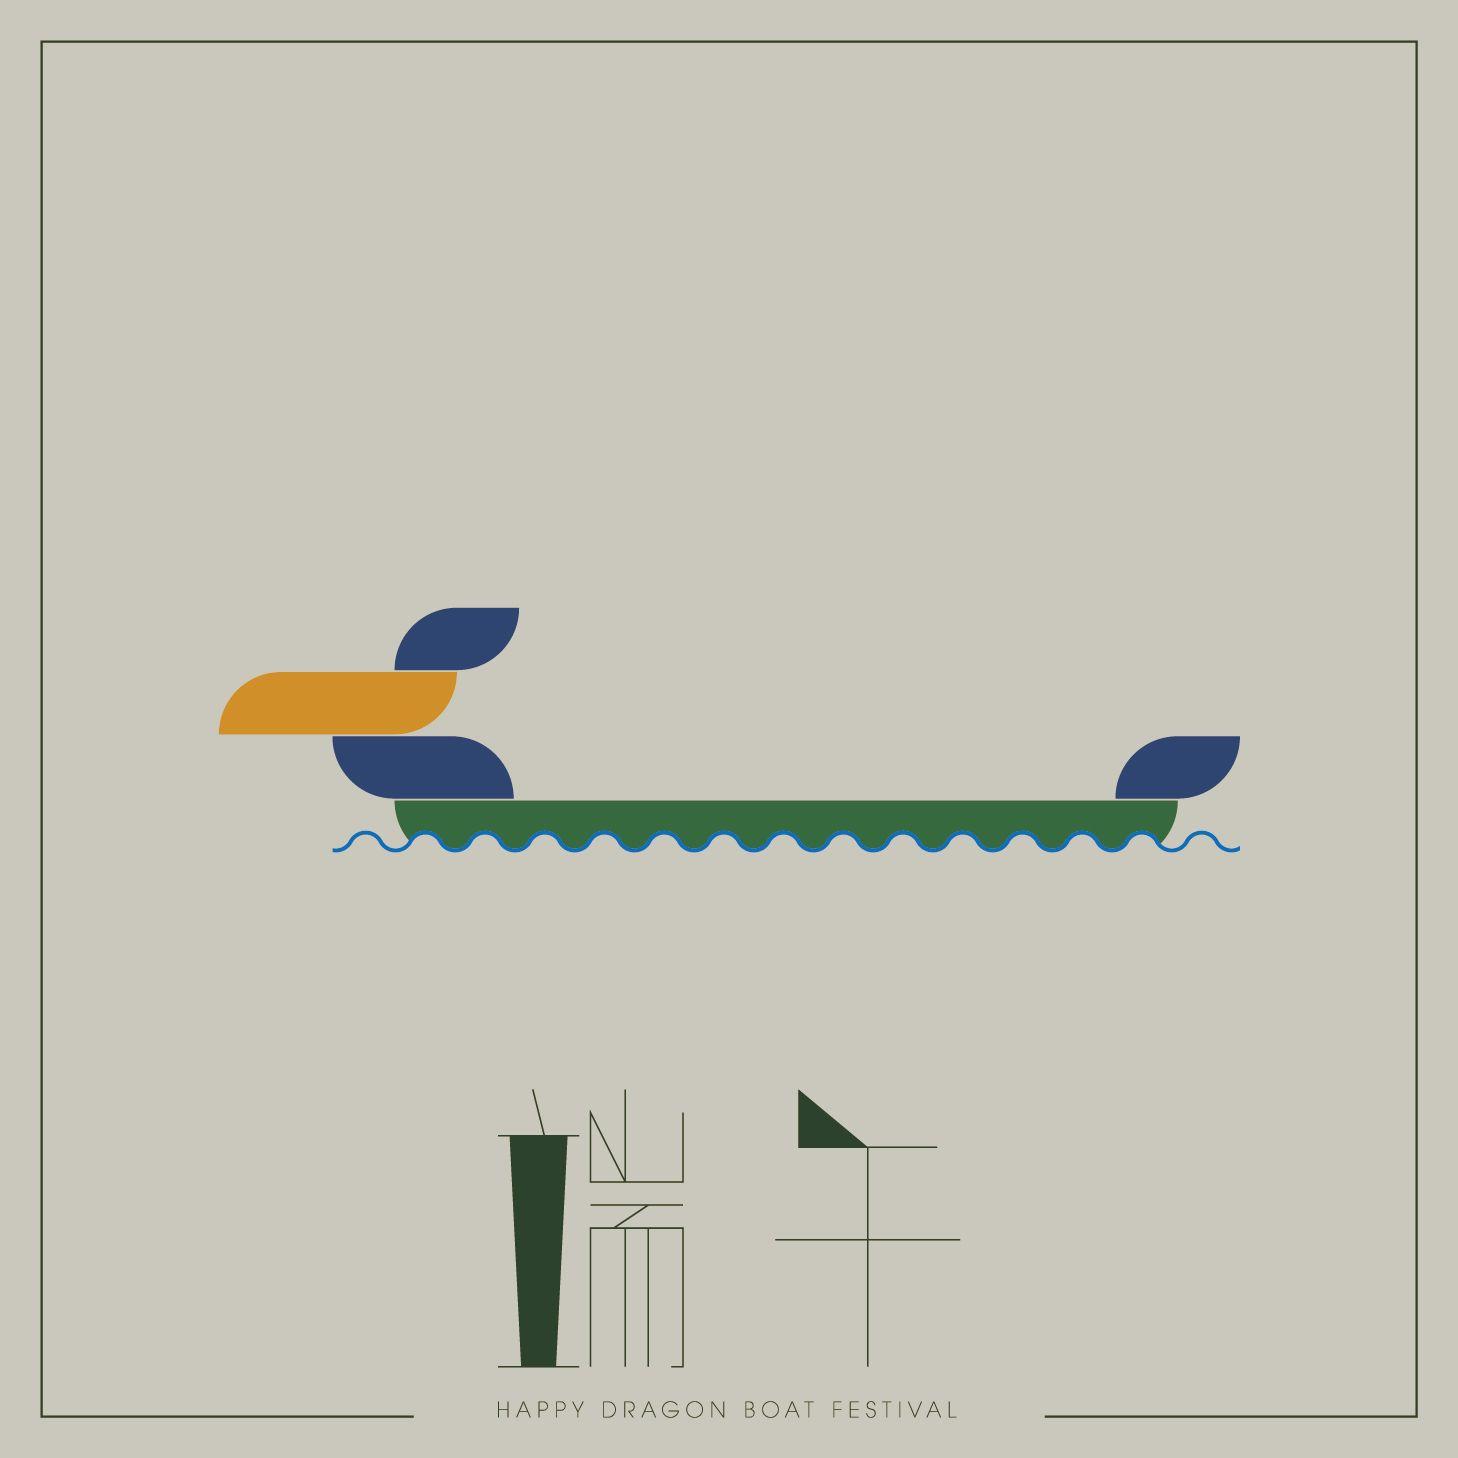 Dragon Boat Festival graphic design by Jack Chen